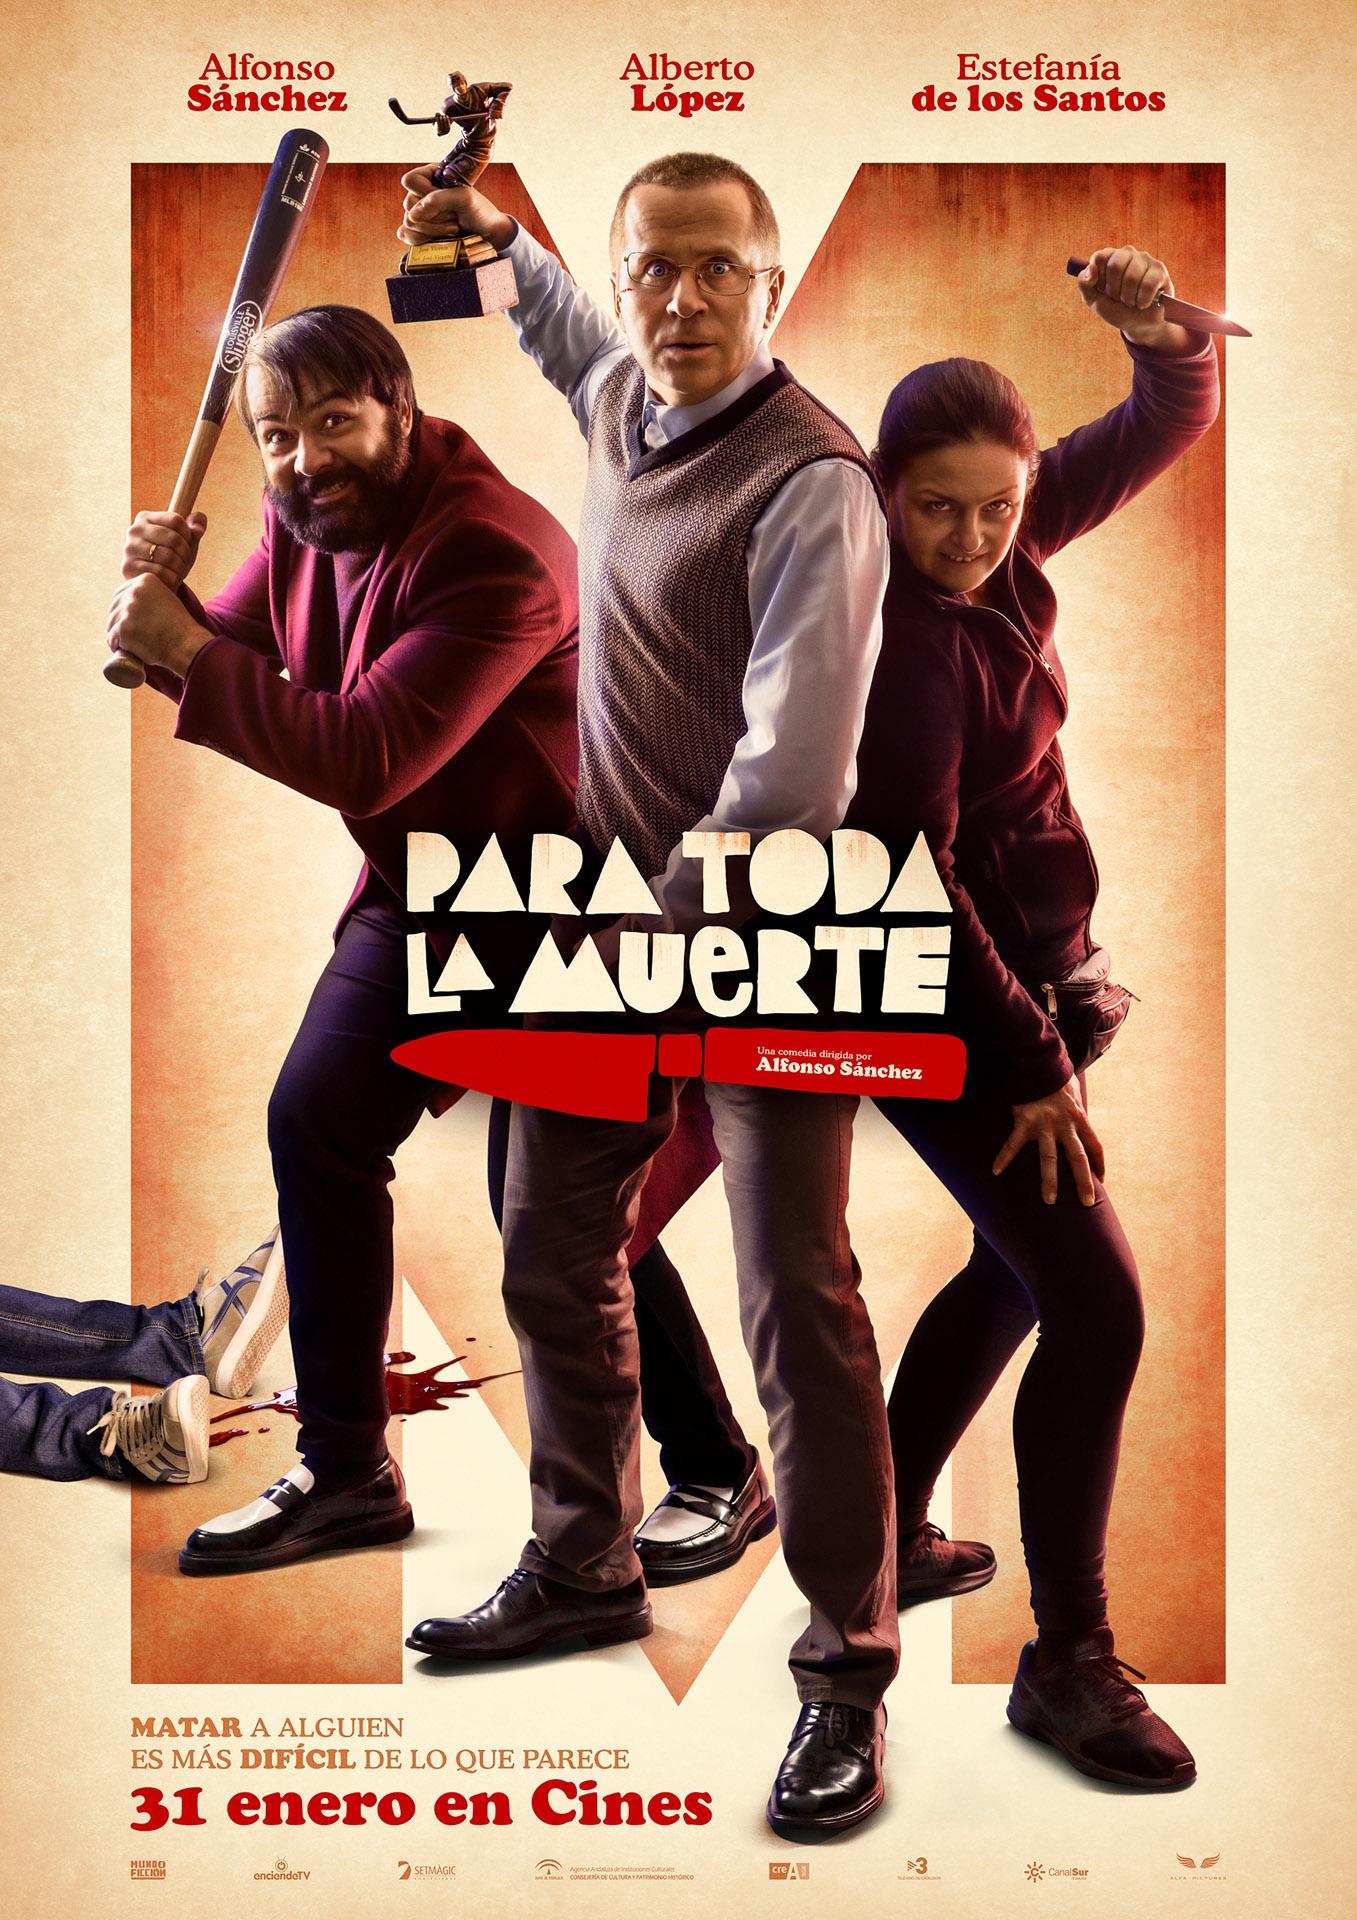 Para toda la muerte, lo nuevo de Alfonso Sánchez, ya tiene fecha de estreno